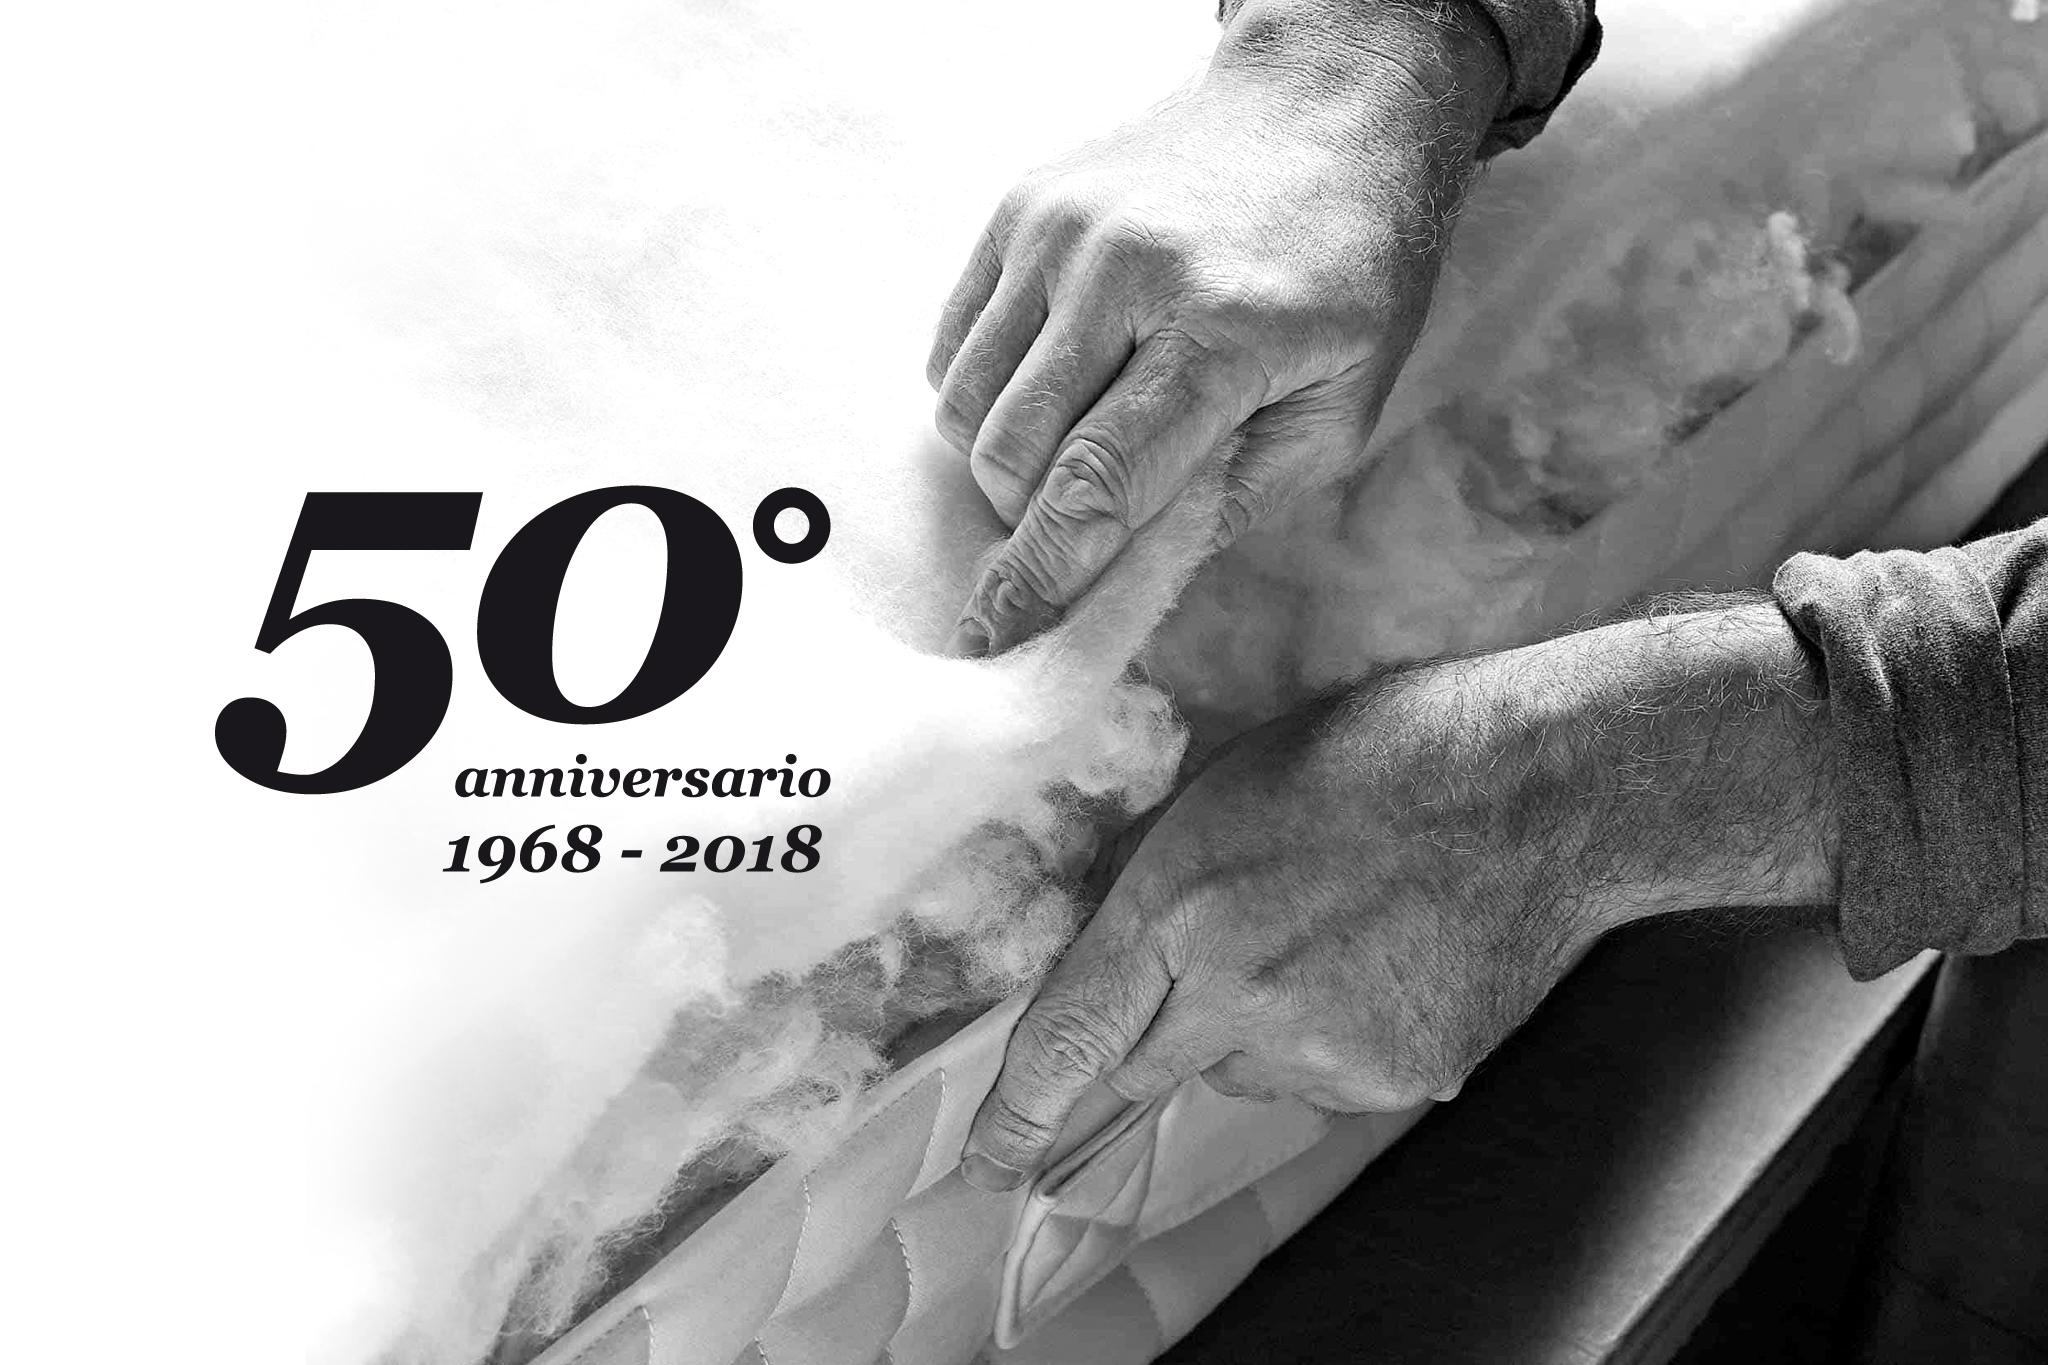 50 ANNI DI PASSIONE NEL FARVI DORMIRE BENE